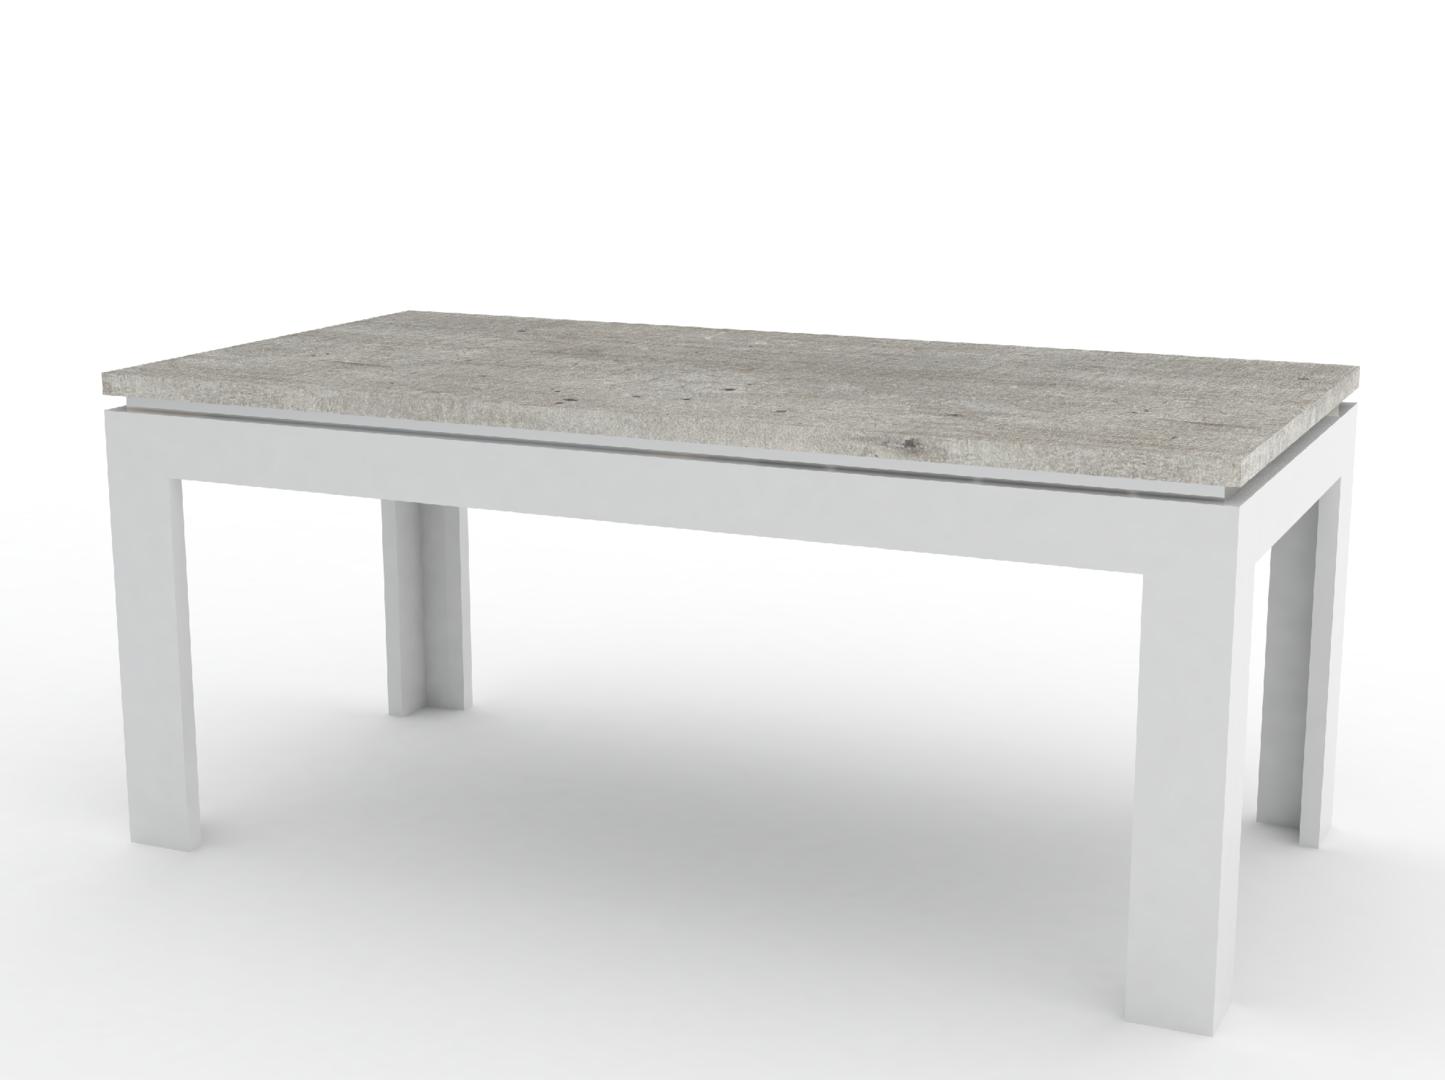 Tavolo moderno bianco messico mobile per sala da pranzo - Tavolo per soggiorno ...